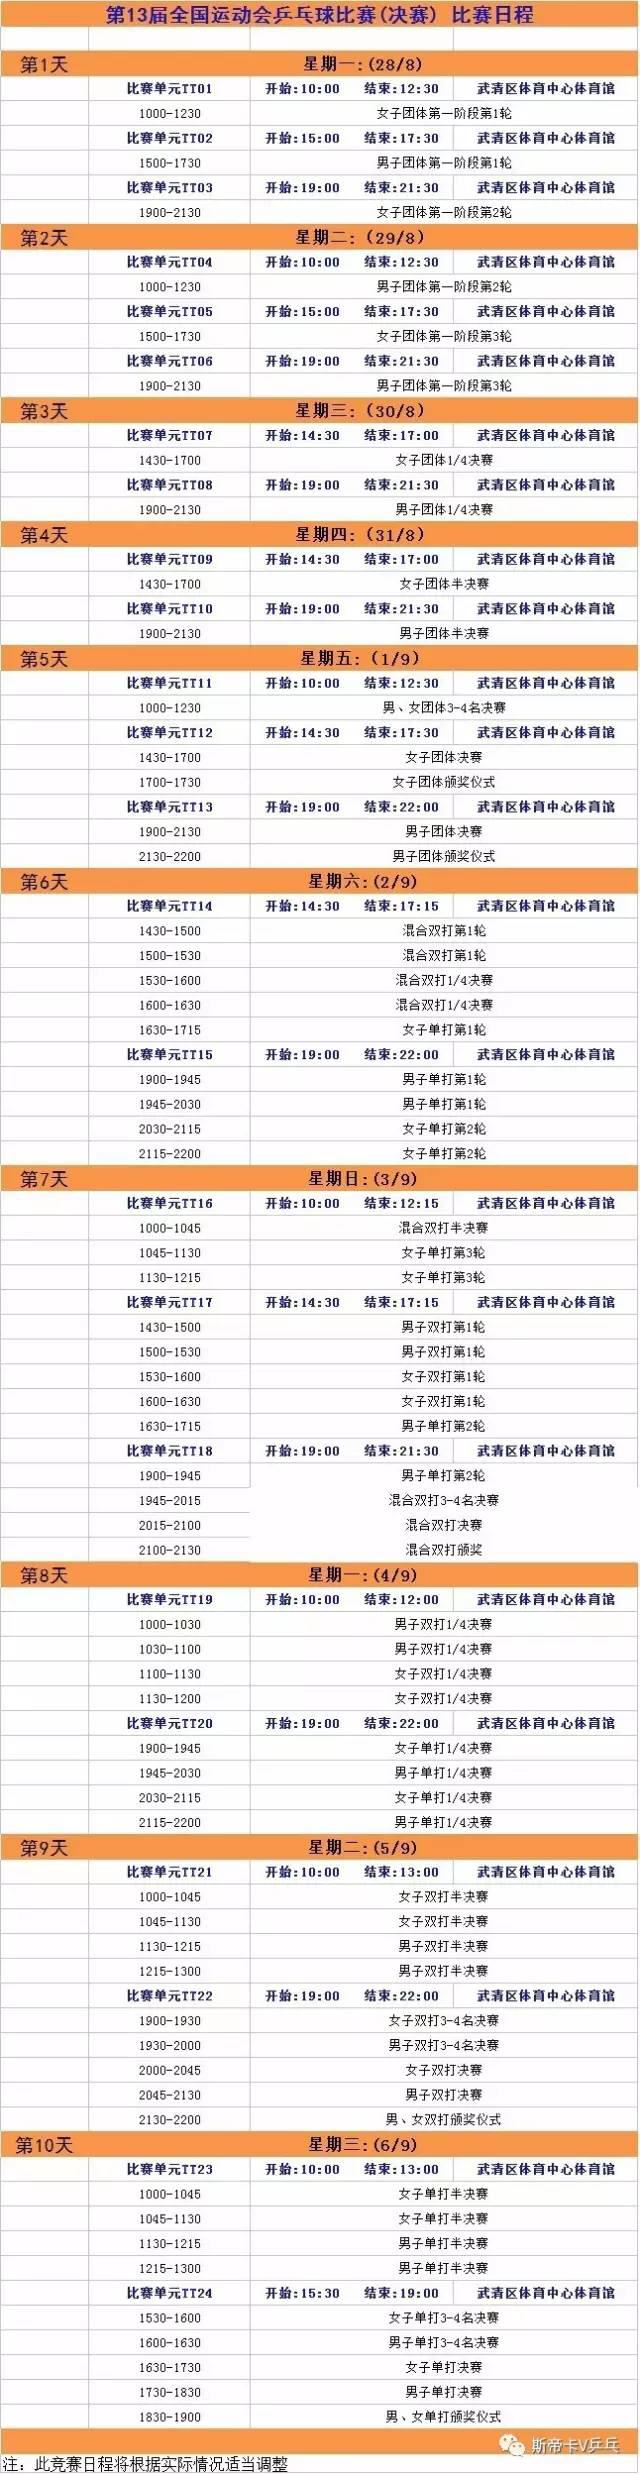 天津全运会,乒乓球比赛,视频地址,2017天津全运会,乒乓球时间表